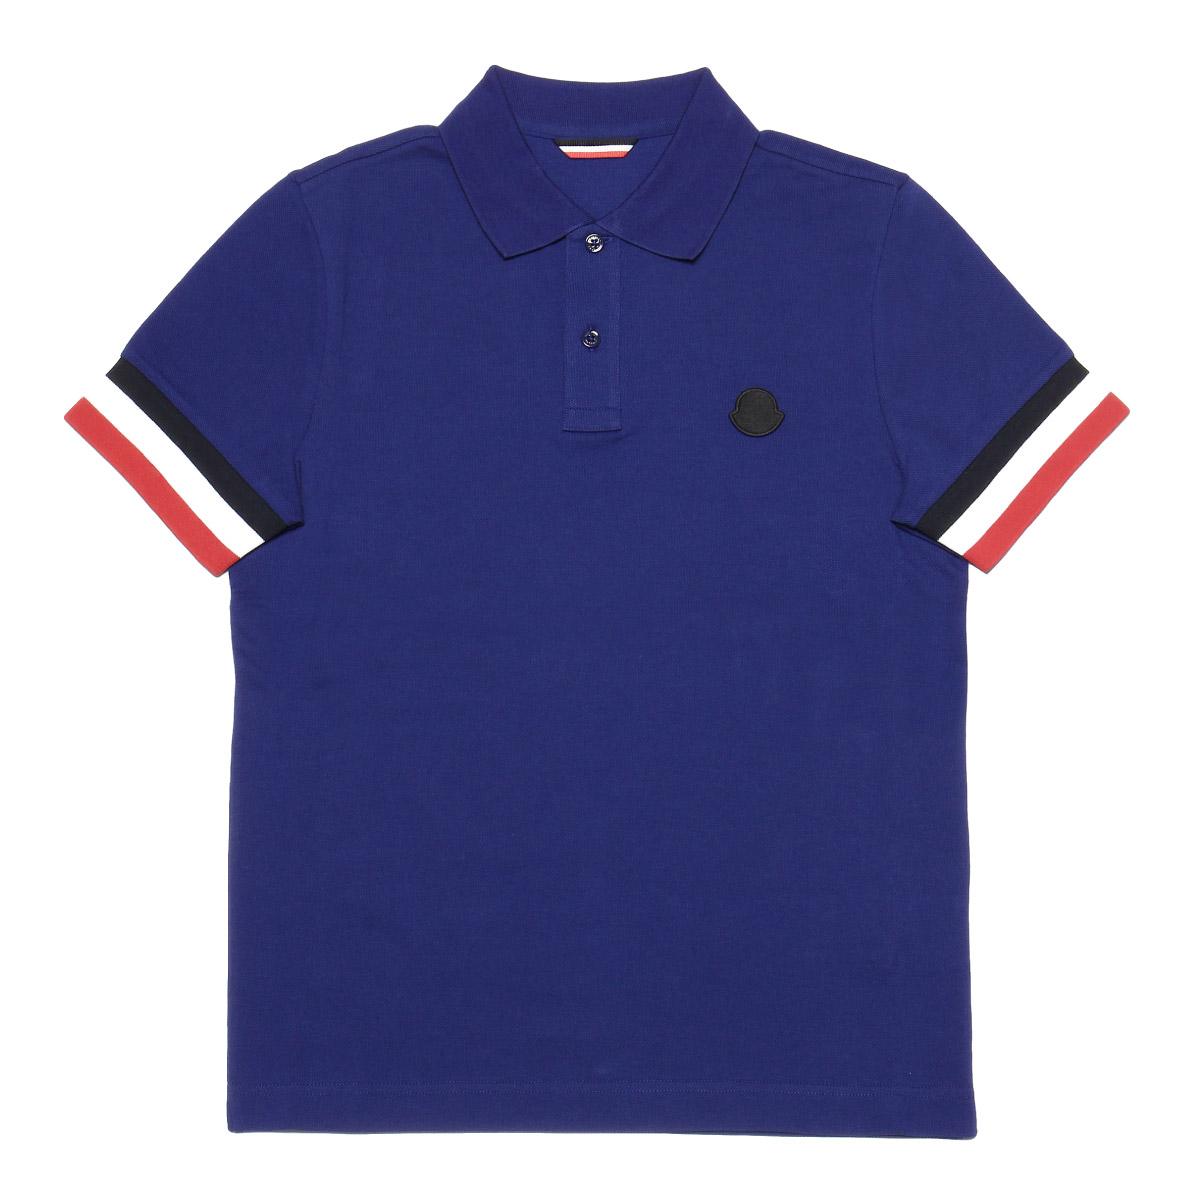 モンクレール MONCLER ポロシャツ メンズ 8318400 84556 76A 半袖ポロシャツ BLUE ブルー